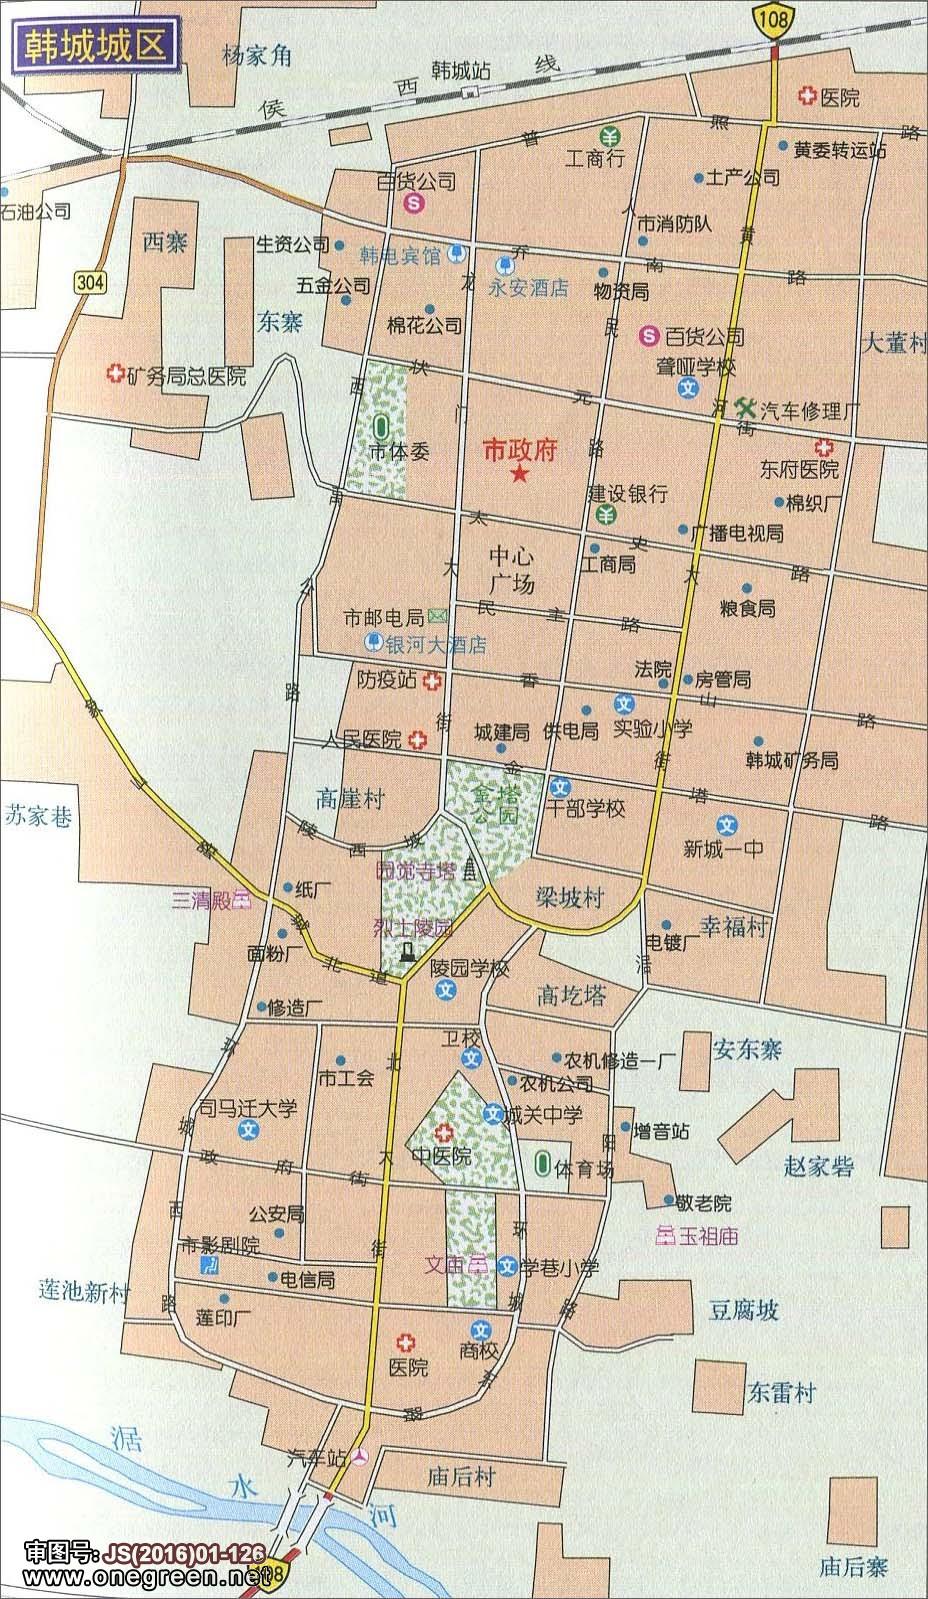 地图窝 中国 陕西 渭南 >> 韩城城区地图                    人气